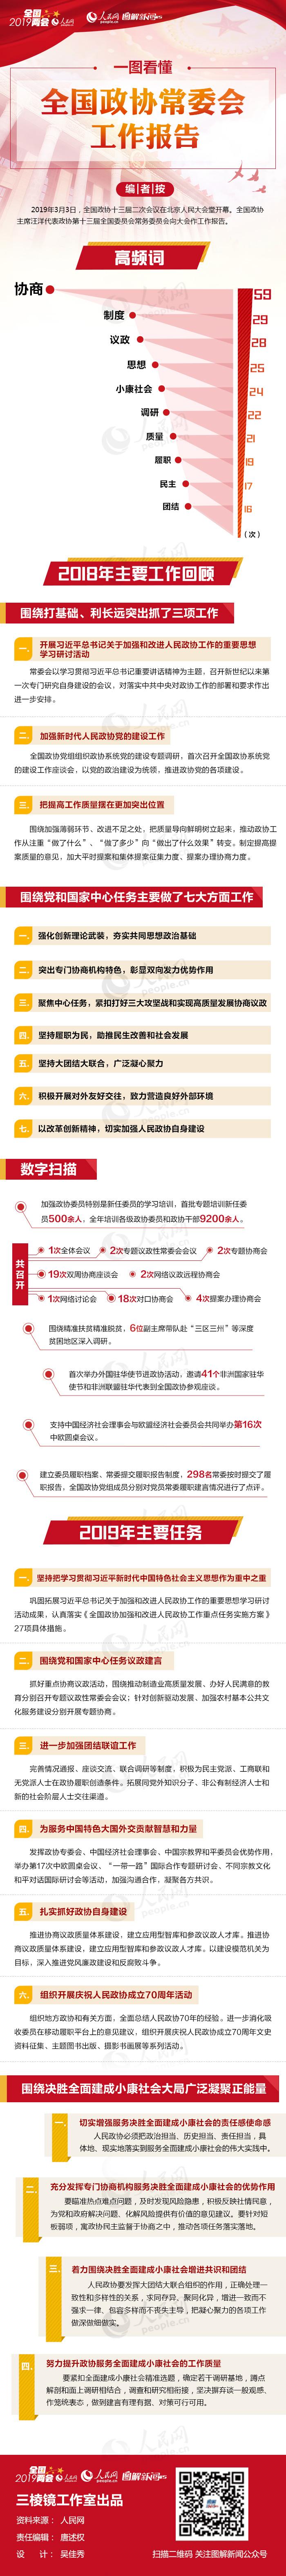 2019年河北公务员考试时政:一图看懂全国政协常委会工作报告